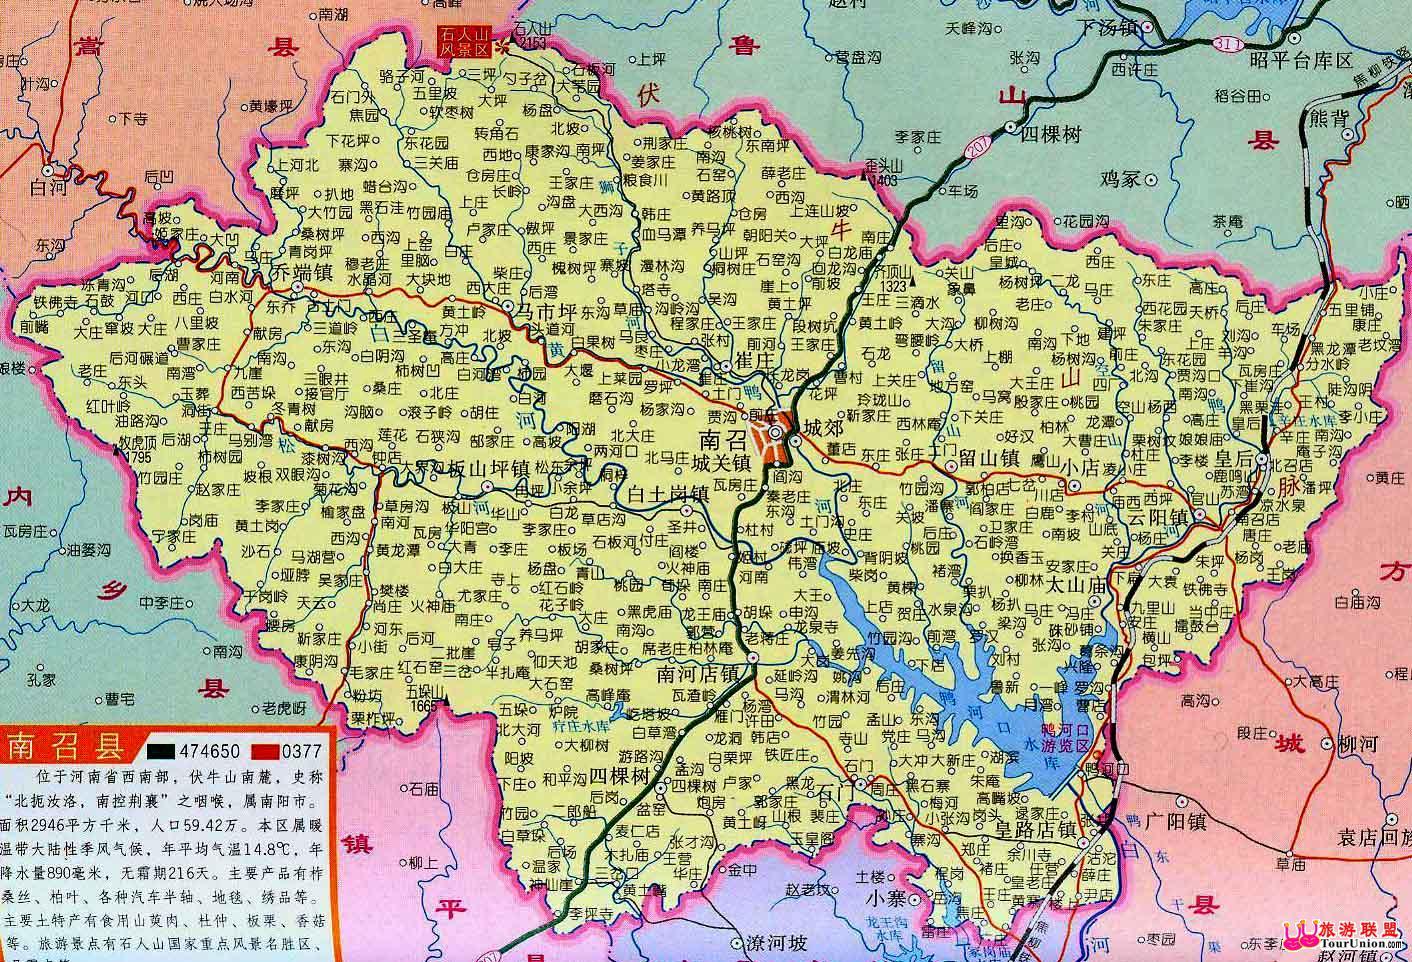 襄樊自驾五朵山游路线-旅游联盟河南南阳旅游资讯中心